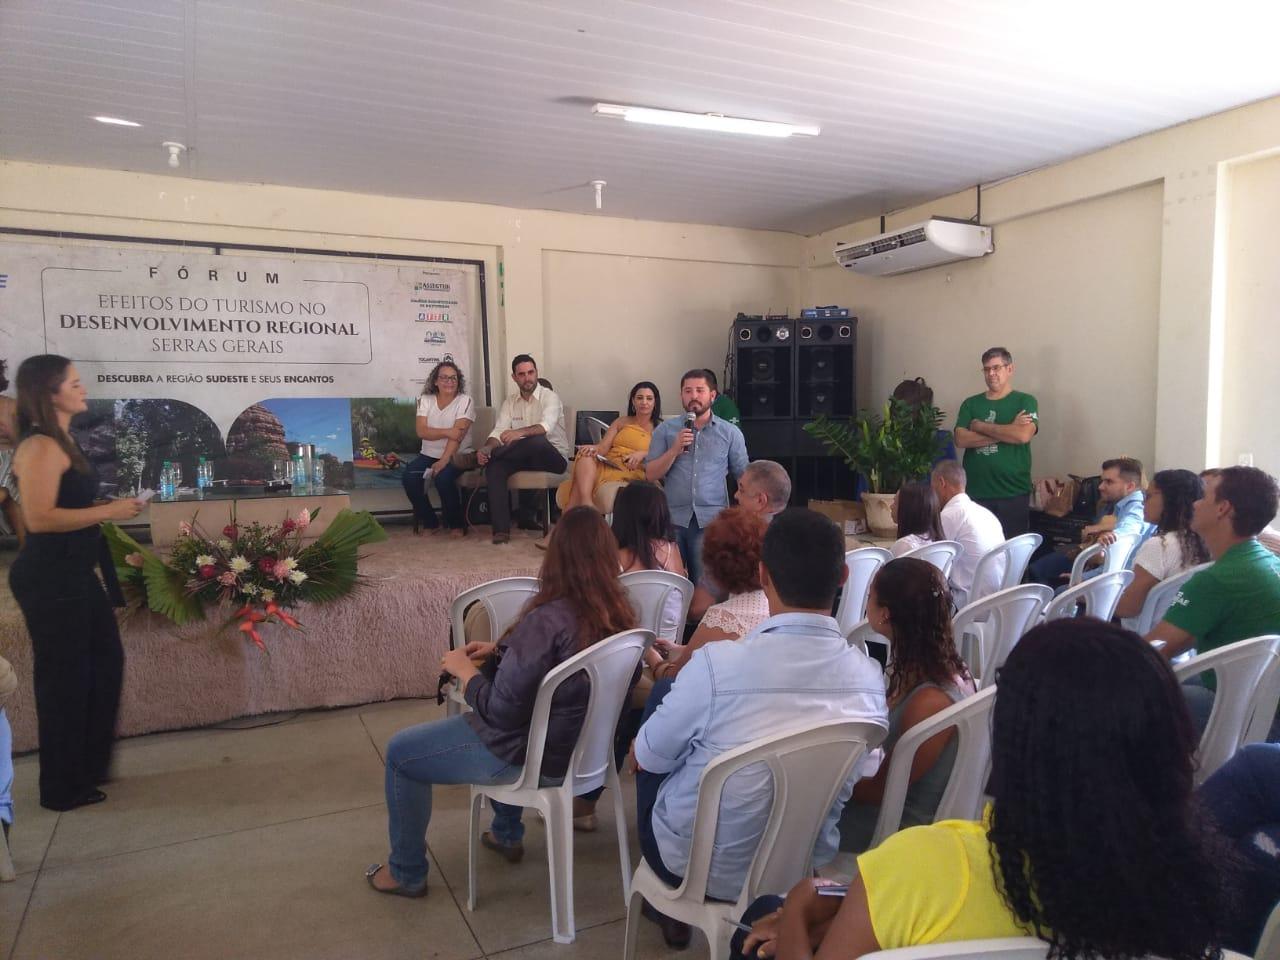 Fórum do Turismo em Natividade debate potencialidades das Serras Gerais